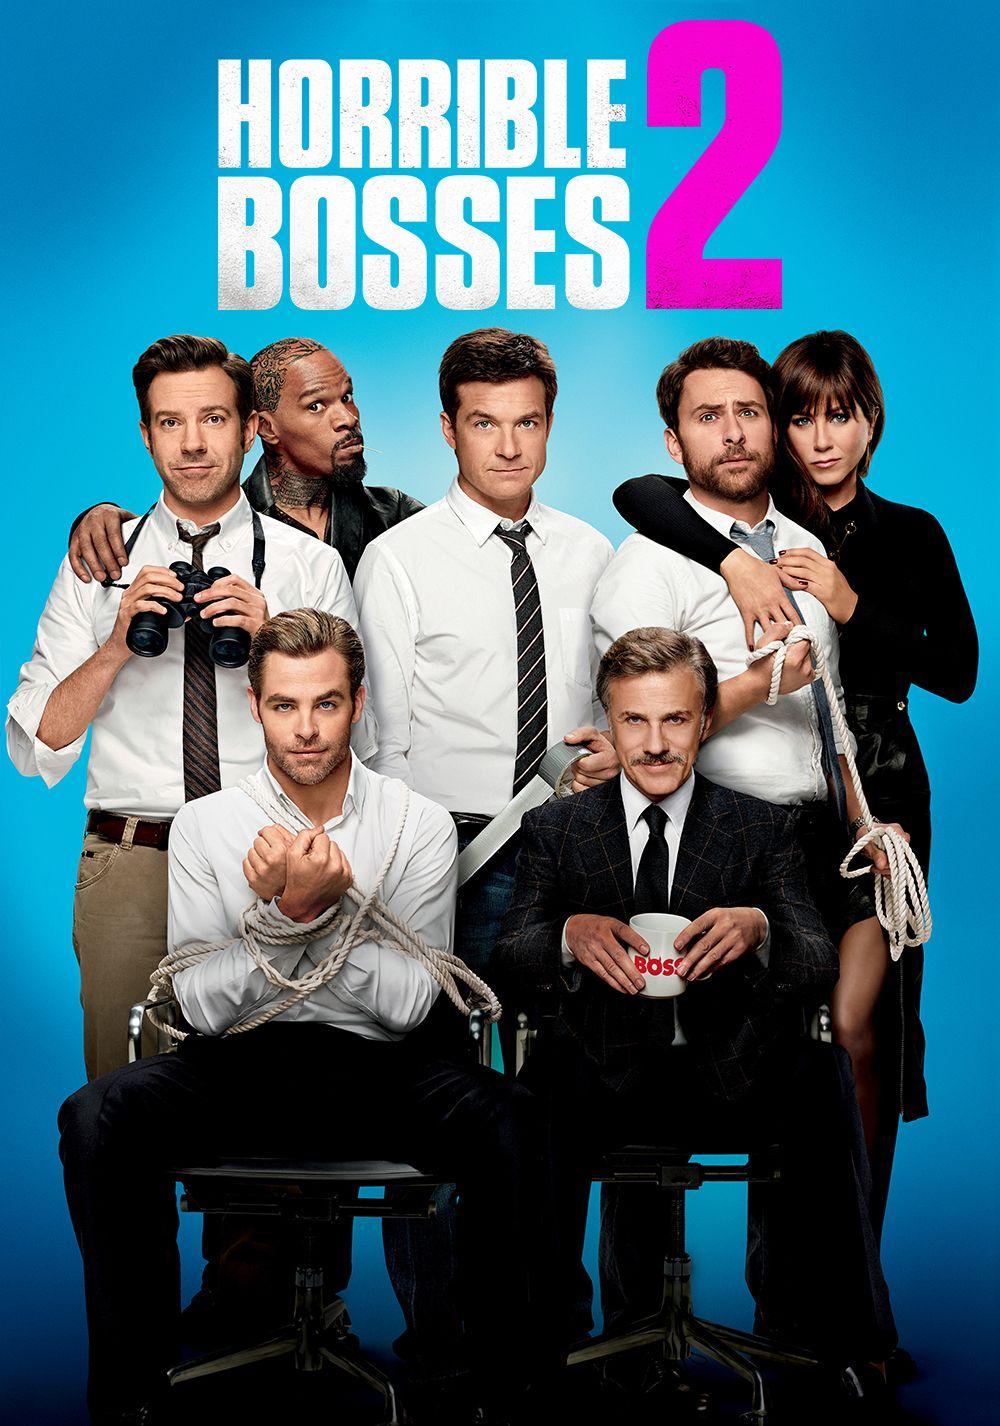 Horrible Bosses 2 Patrondan Kurtulma Sanati 2 1080p Altyazili Izle Horrible Bosses Movie Horrible Bosses Comedy Movies